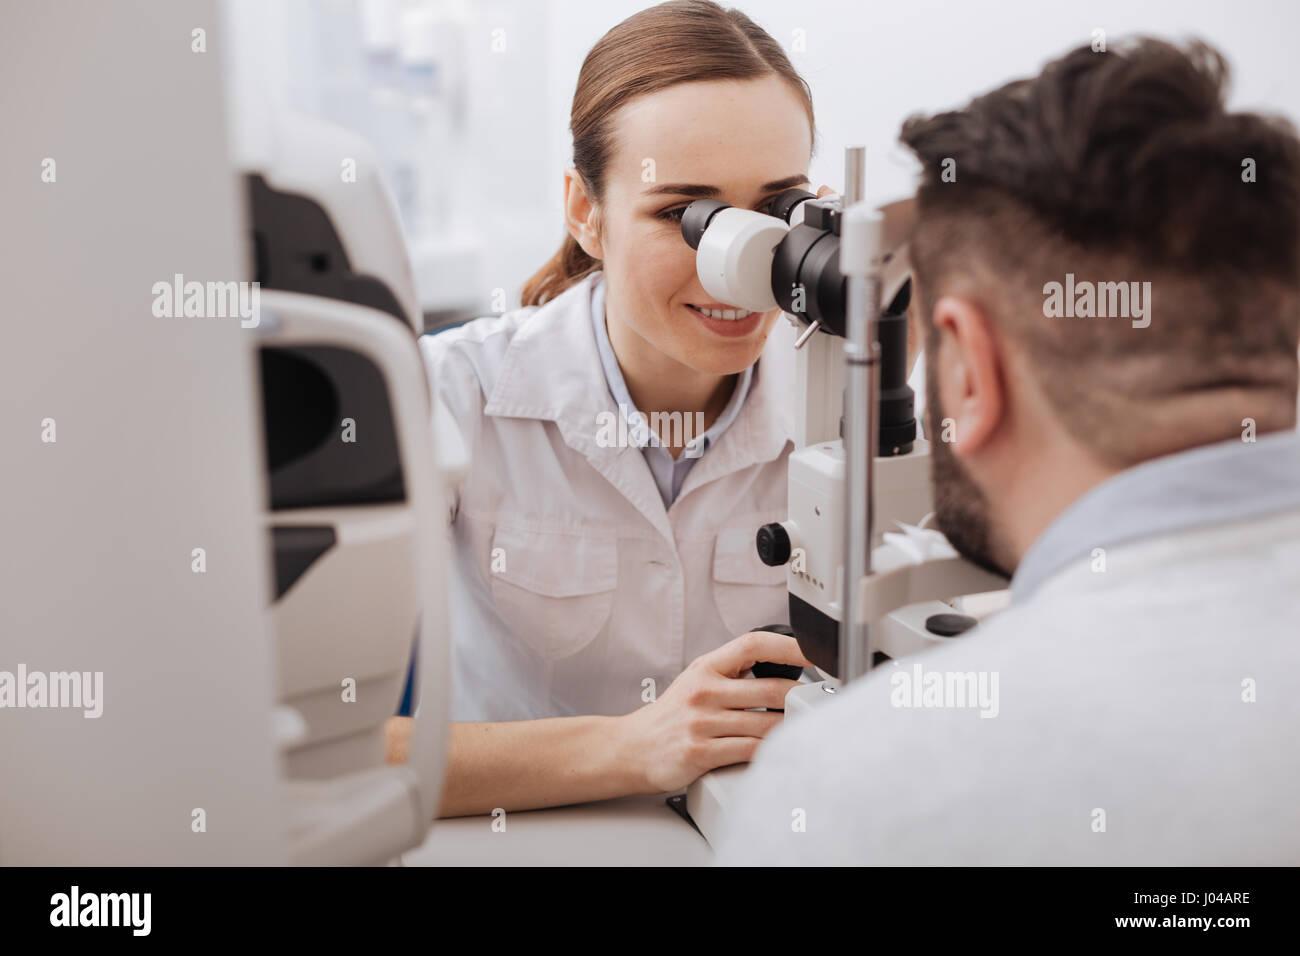 Fröhliche positive Arzt genießen ihren job Stockbild